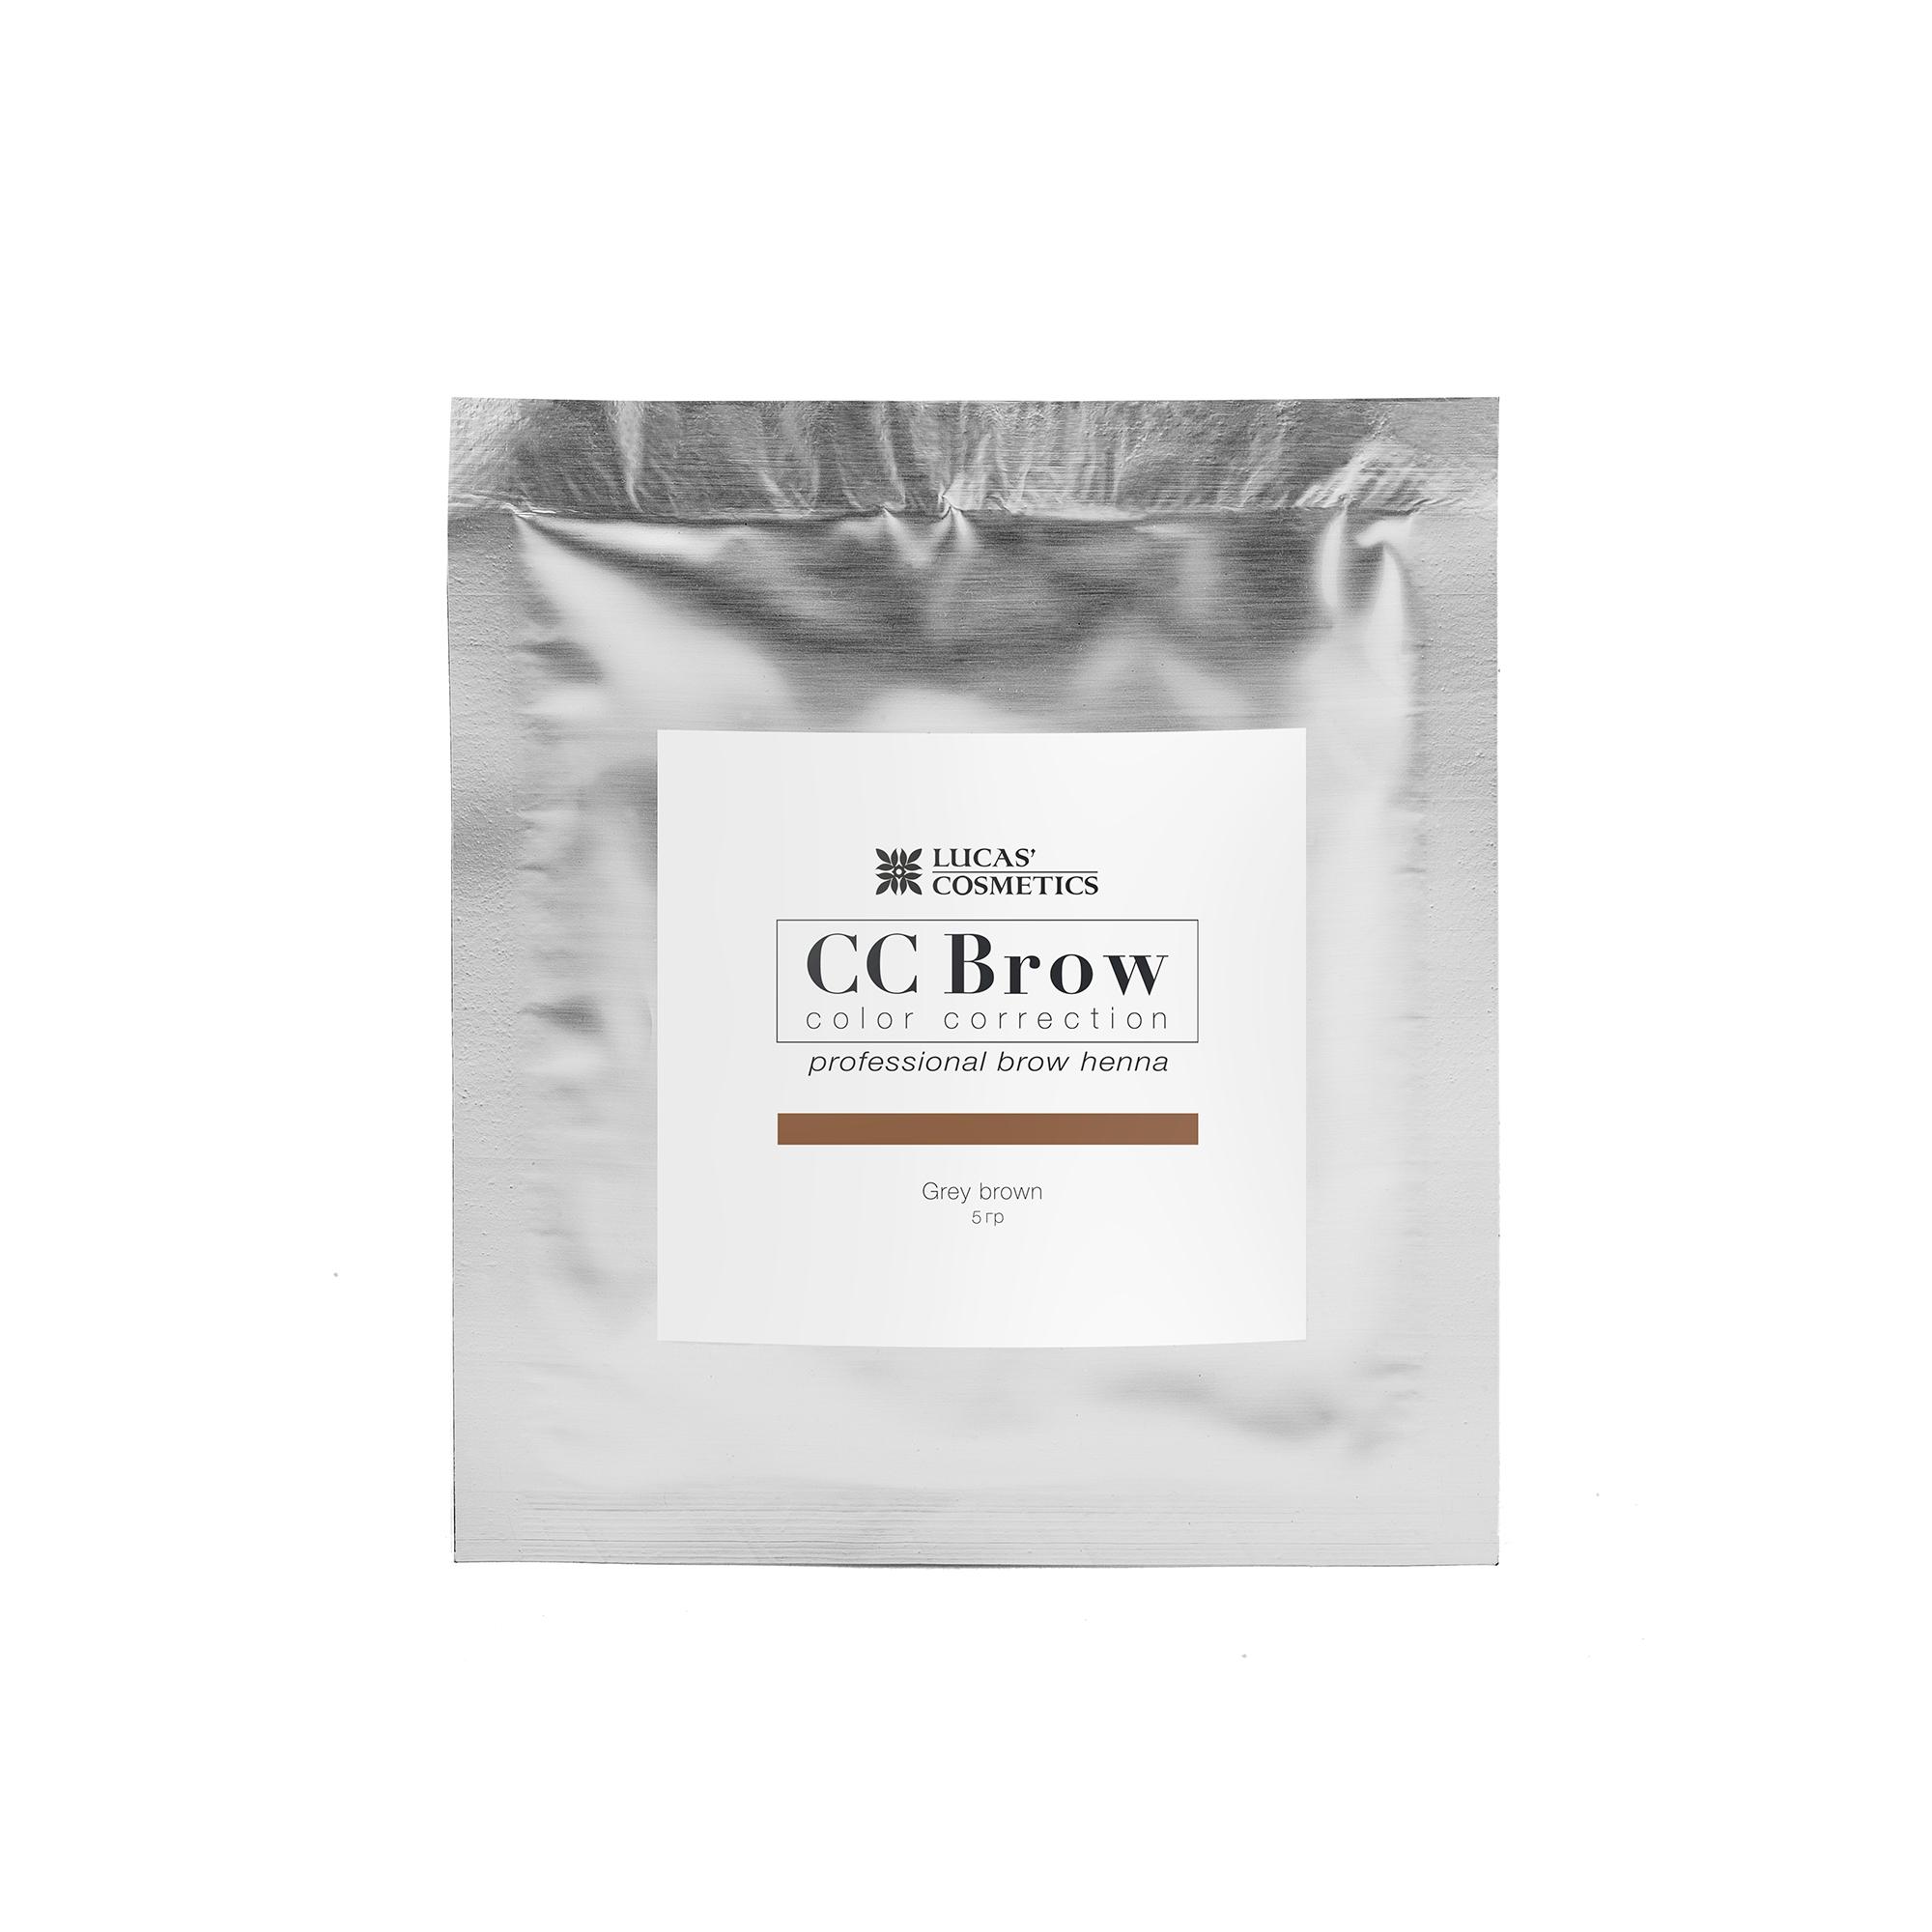 LUCAS' COSMETICS Хна для бровей в саше (серо-коричневый) / CC Brow (grey brown), 5 гр